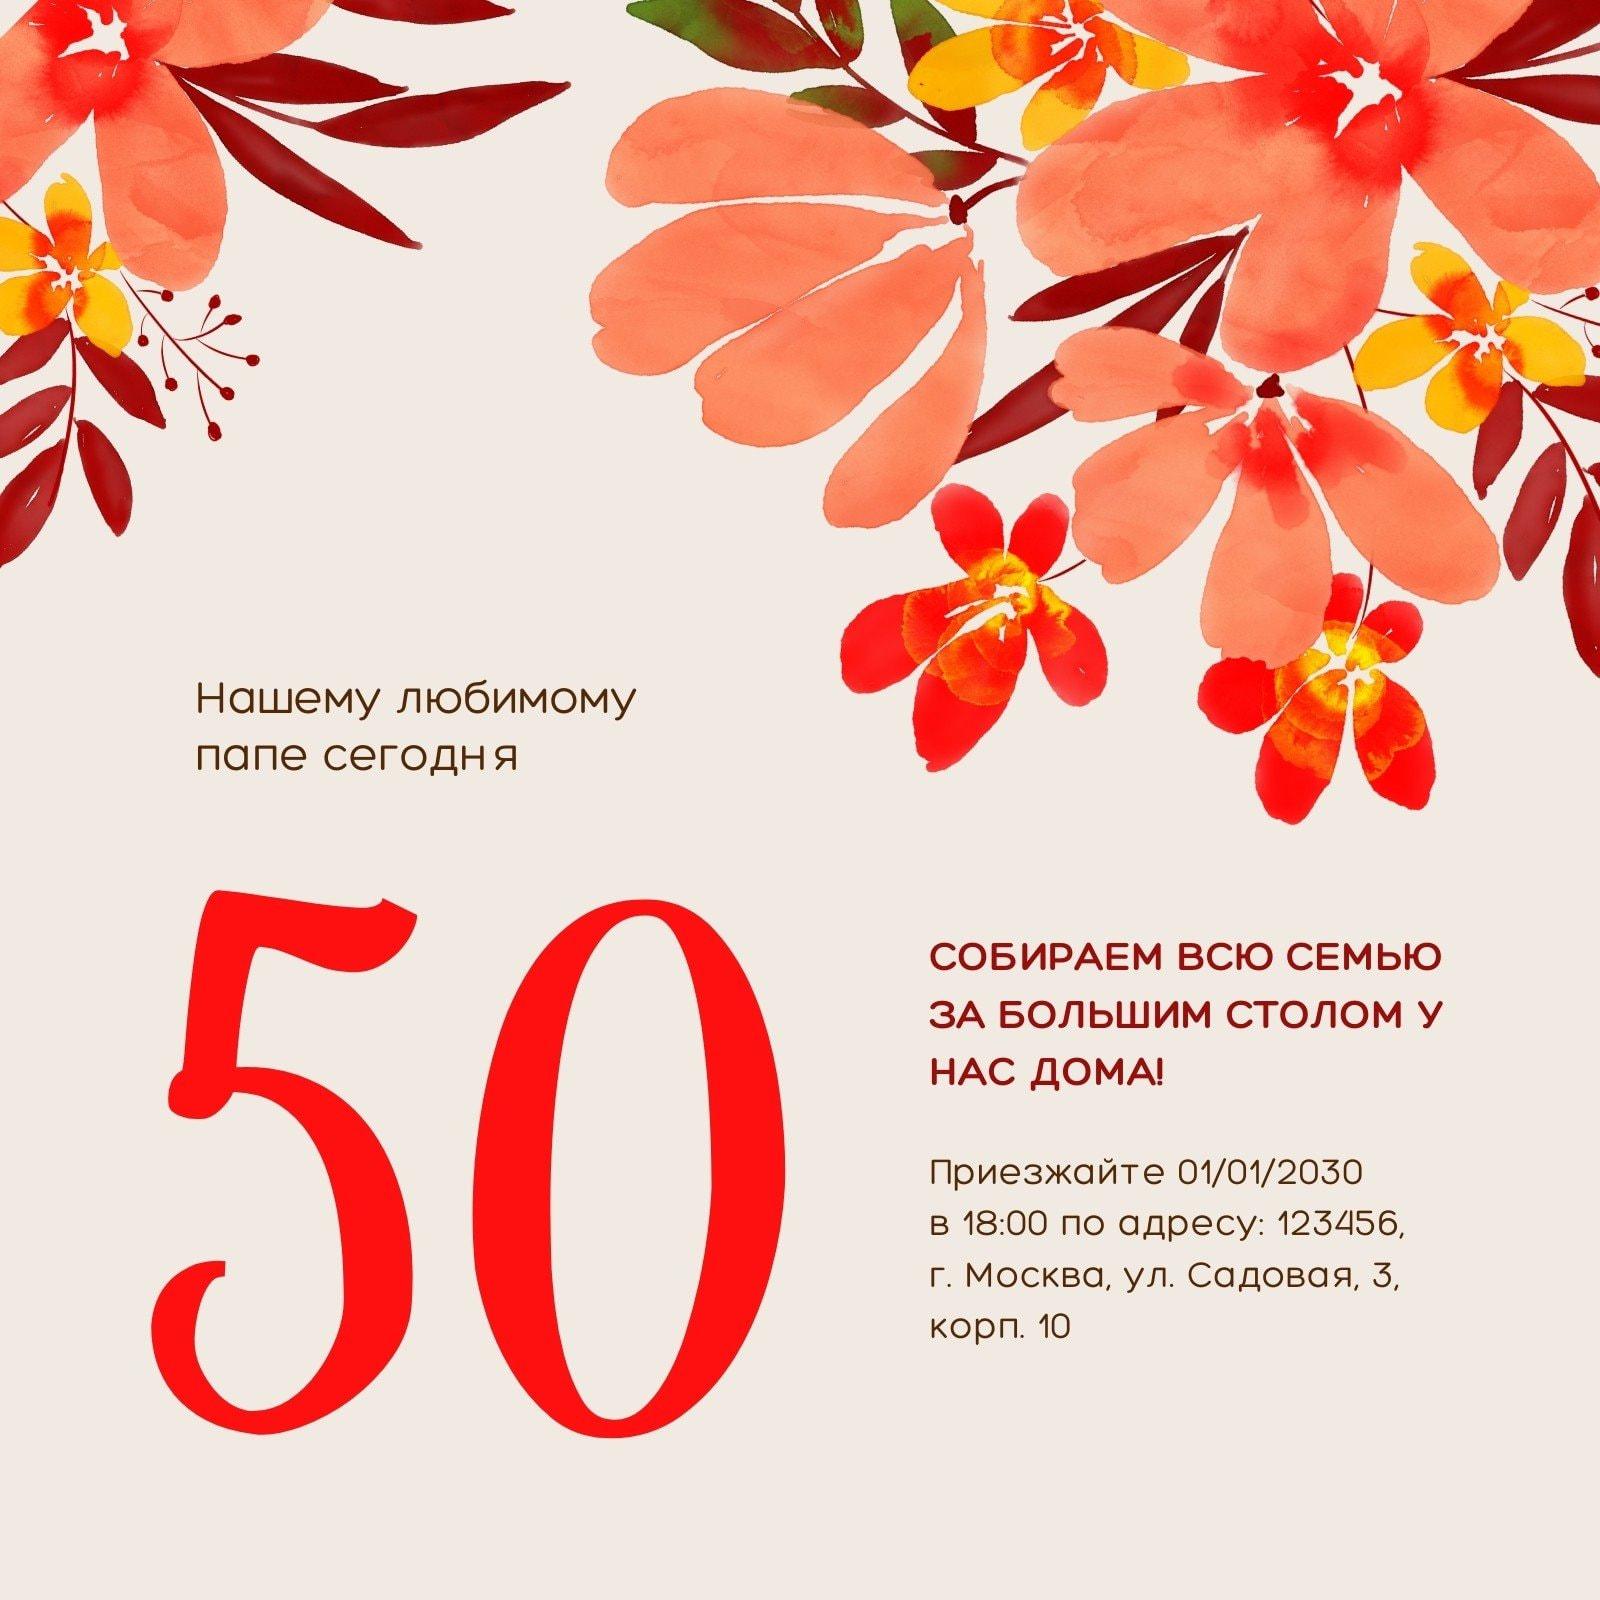 Айвори приглашение на празднование 50-летнего юбилея папы с алыми цветами